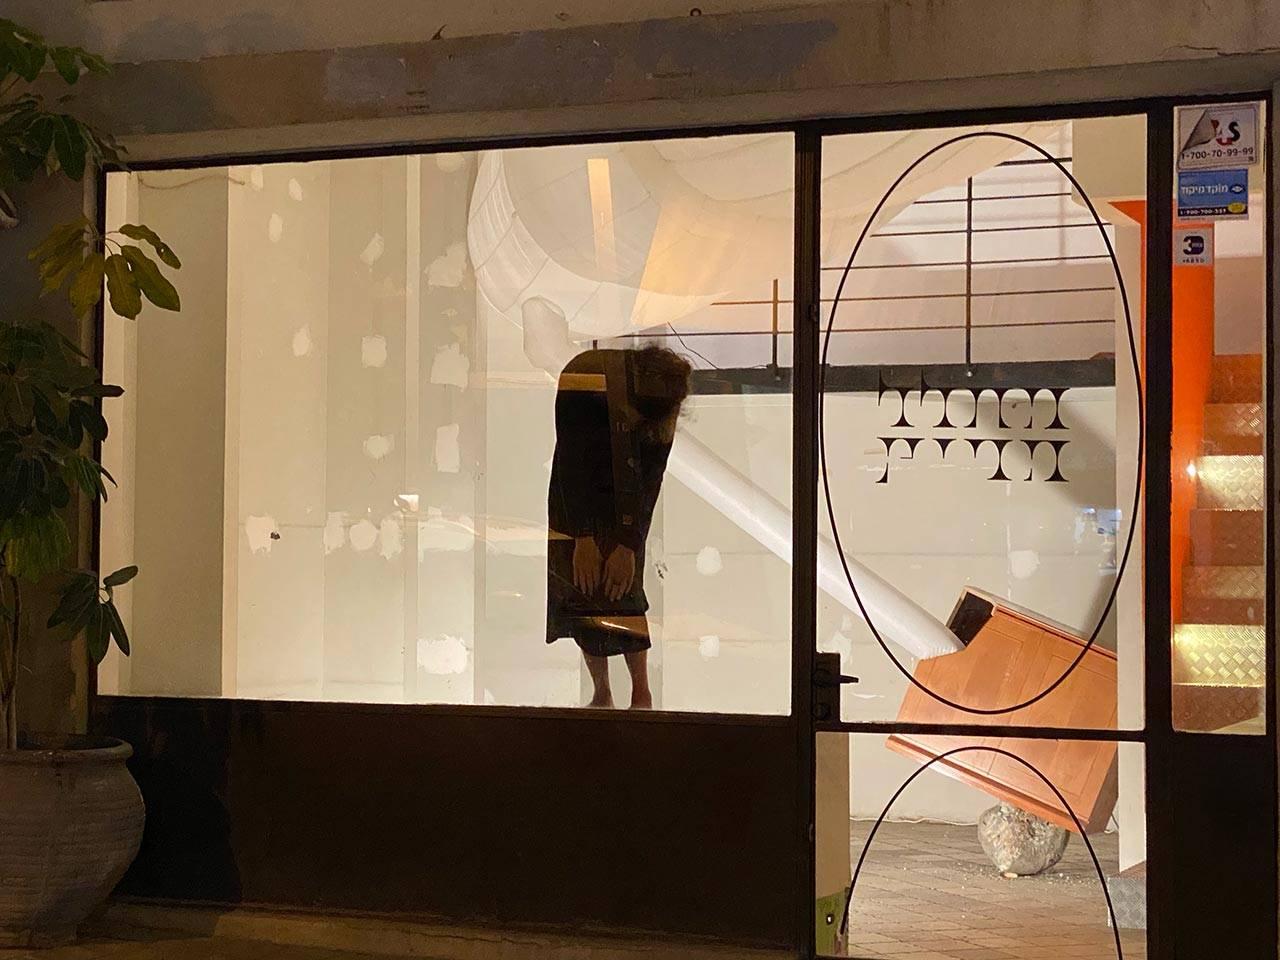 רוני הלר במופע, בתערוכה של דורית פיגוביץ גודארד, נועה תבורי ועדי ויצמן